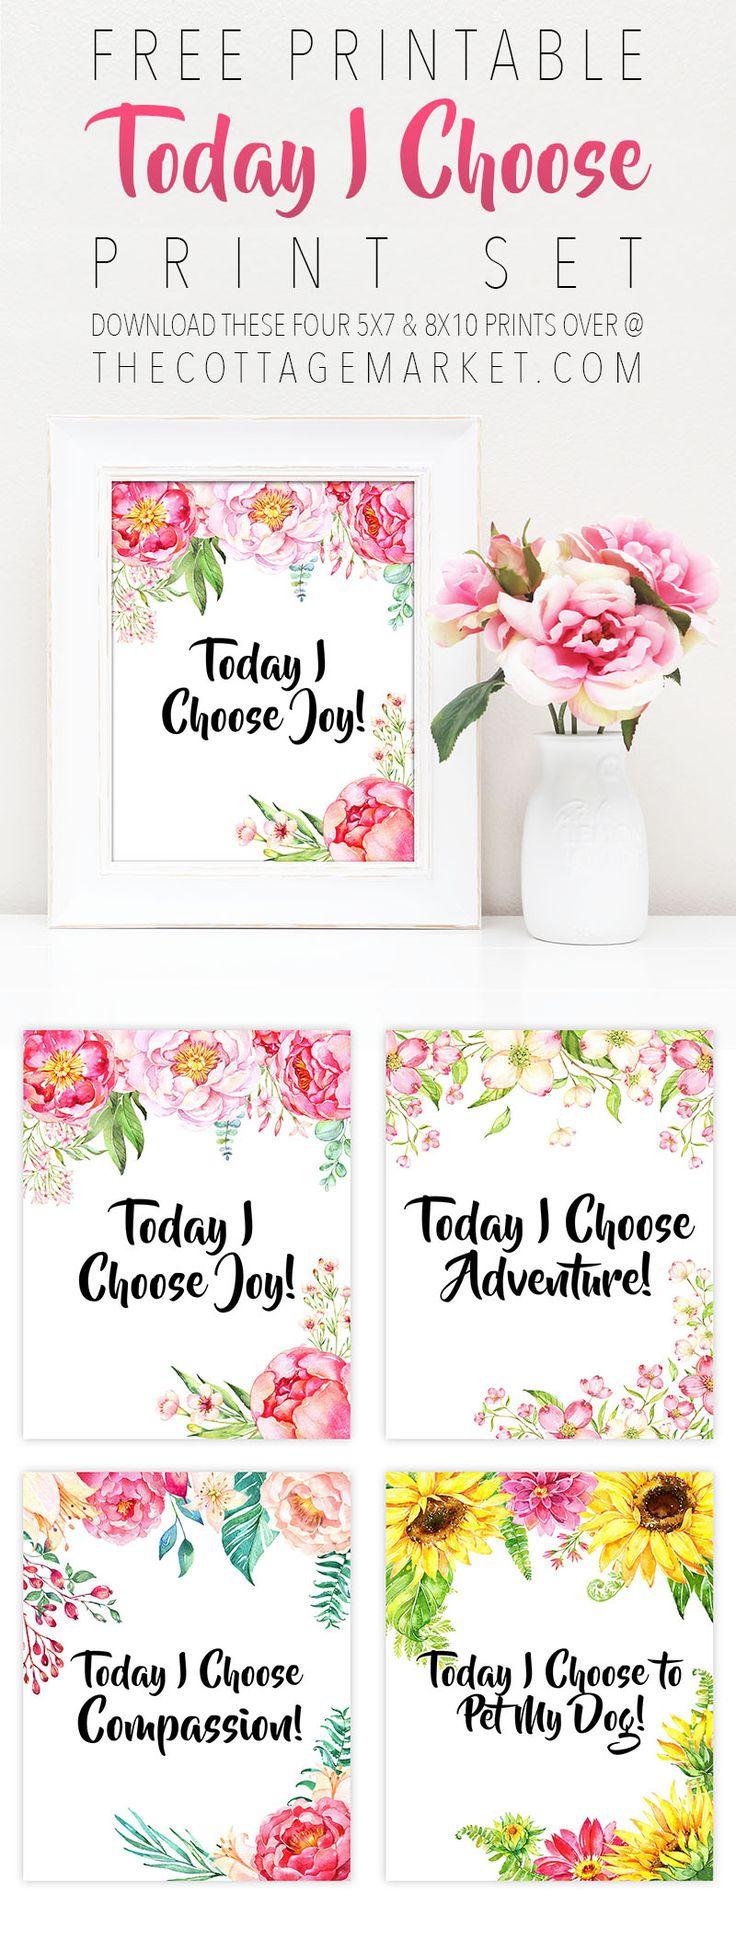 Scrapbook paper canada online - Free Printable Today I Choose Print Set The Cottage Market Bloglovin